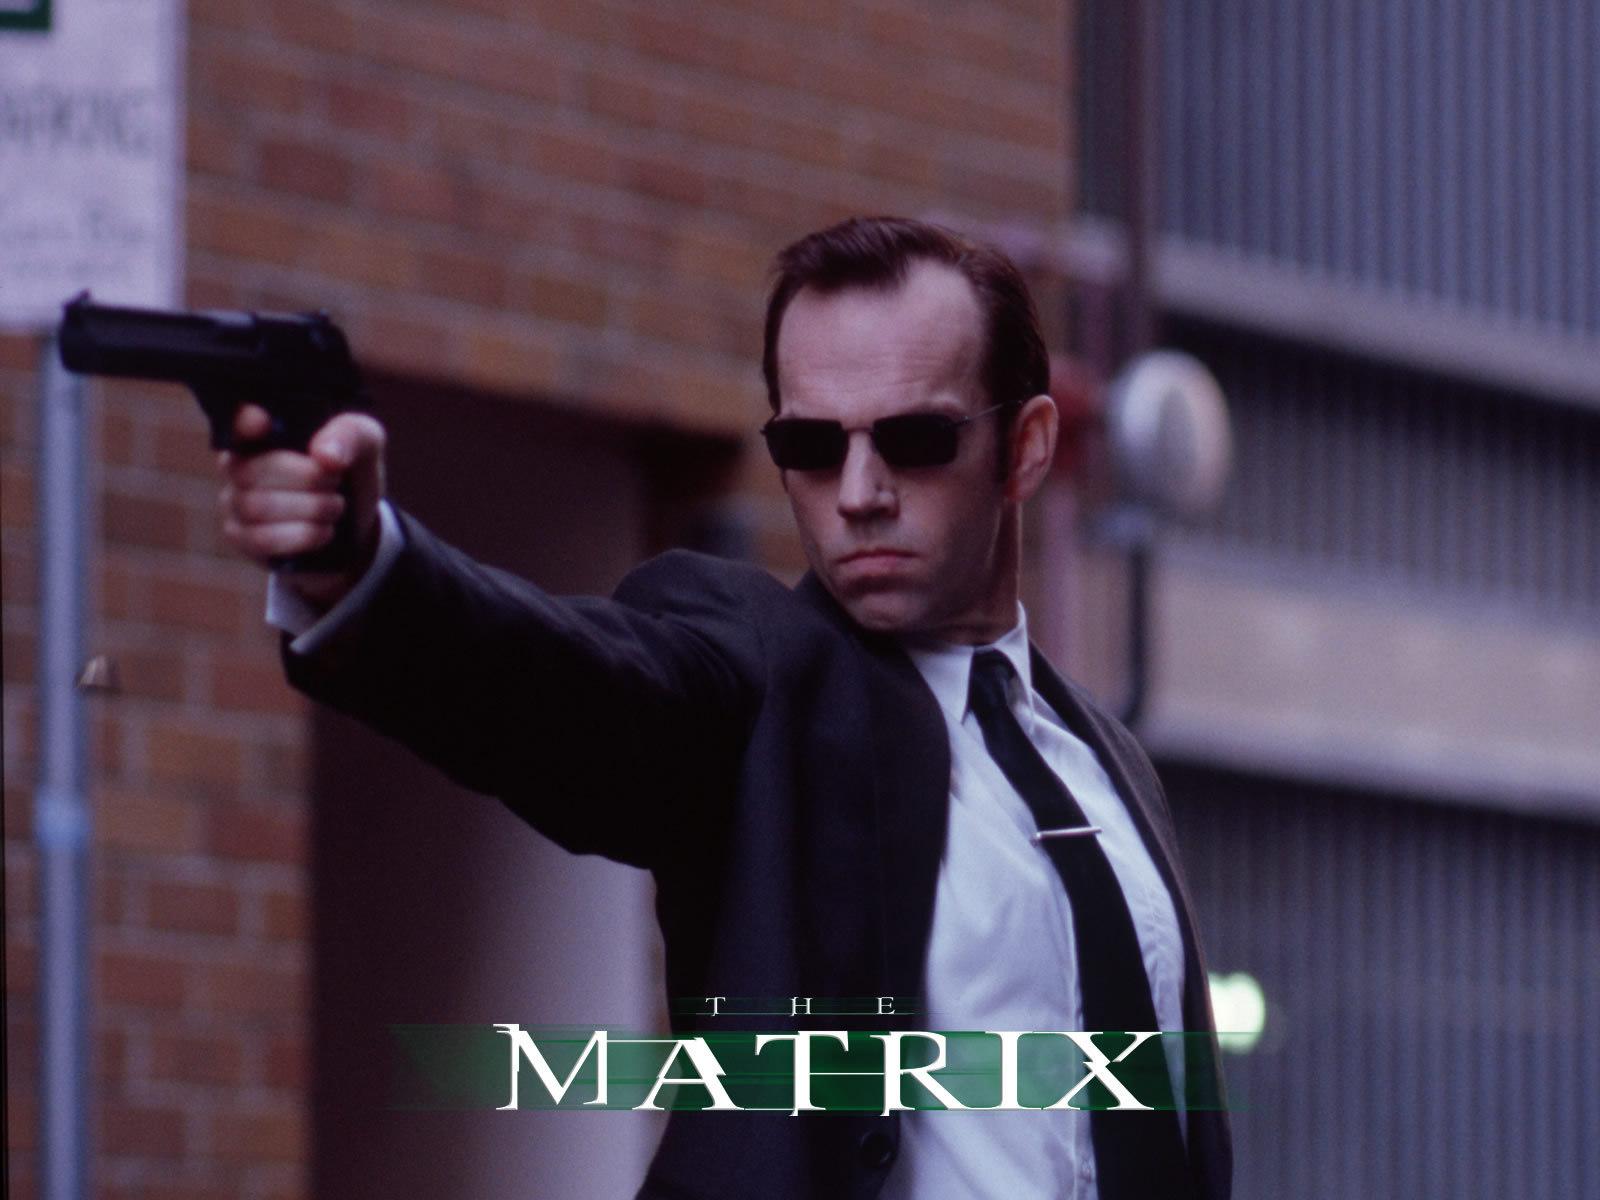 http://2.bp.blogspot.com/-nJjbJGyJ2TA/T7xDwJFUpdI/AAAAAAAAByQ/vBGhhkmfkT0/s1600/MIB-Matrix-c.jpg